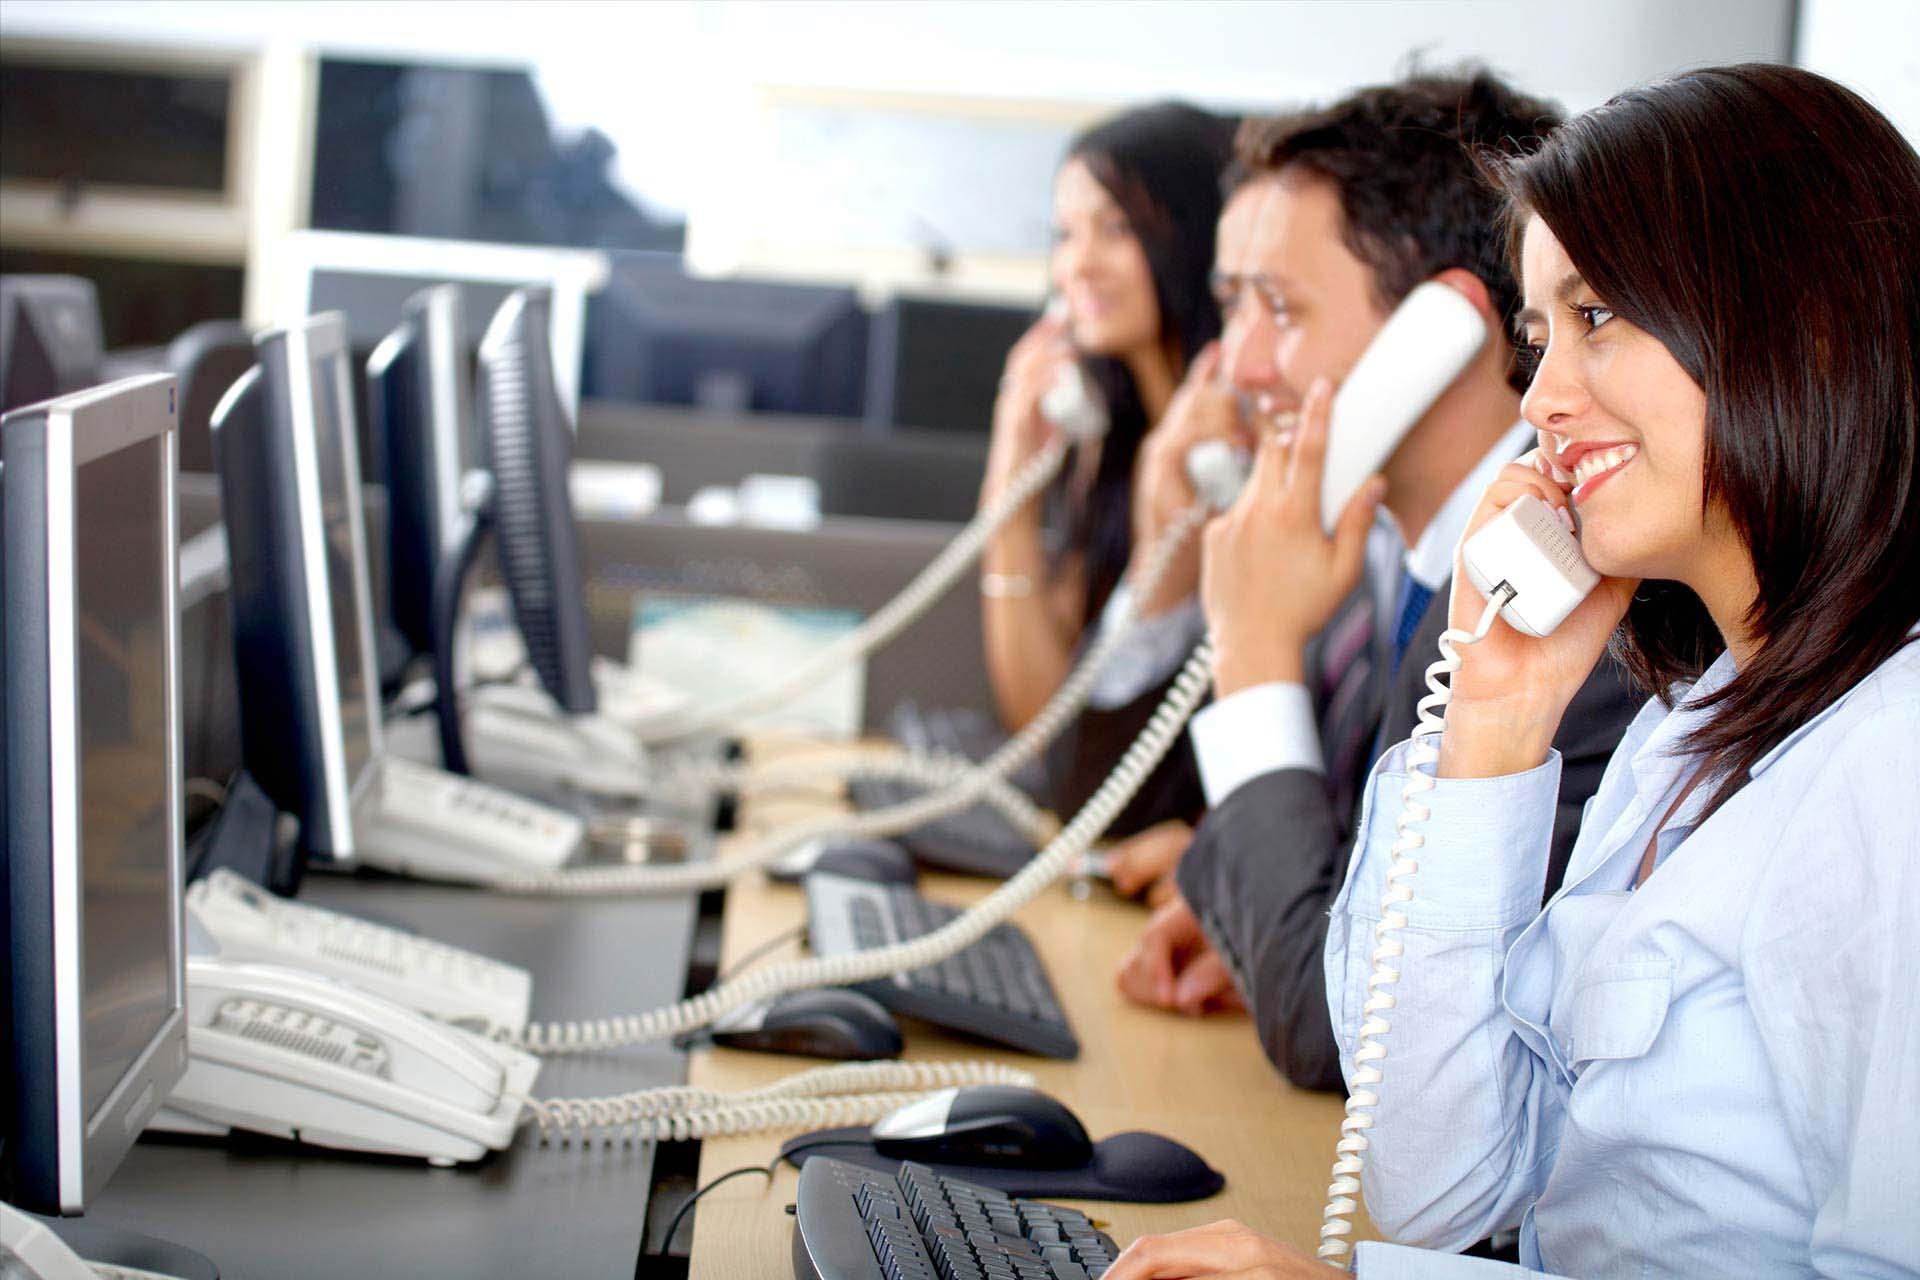 Бесплатный вебинар: Как Телефония и CRM позволяет повысить продажи? Опыт проектов AmoCRM и Битрикс24